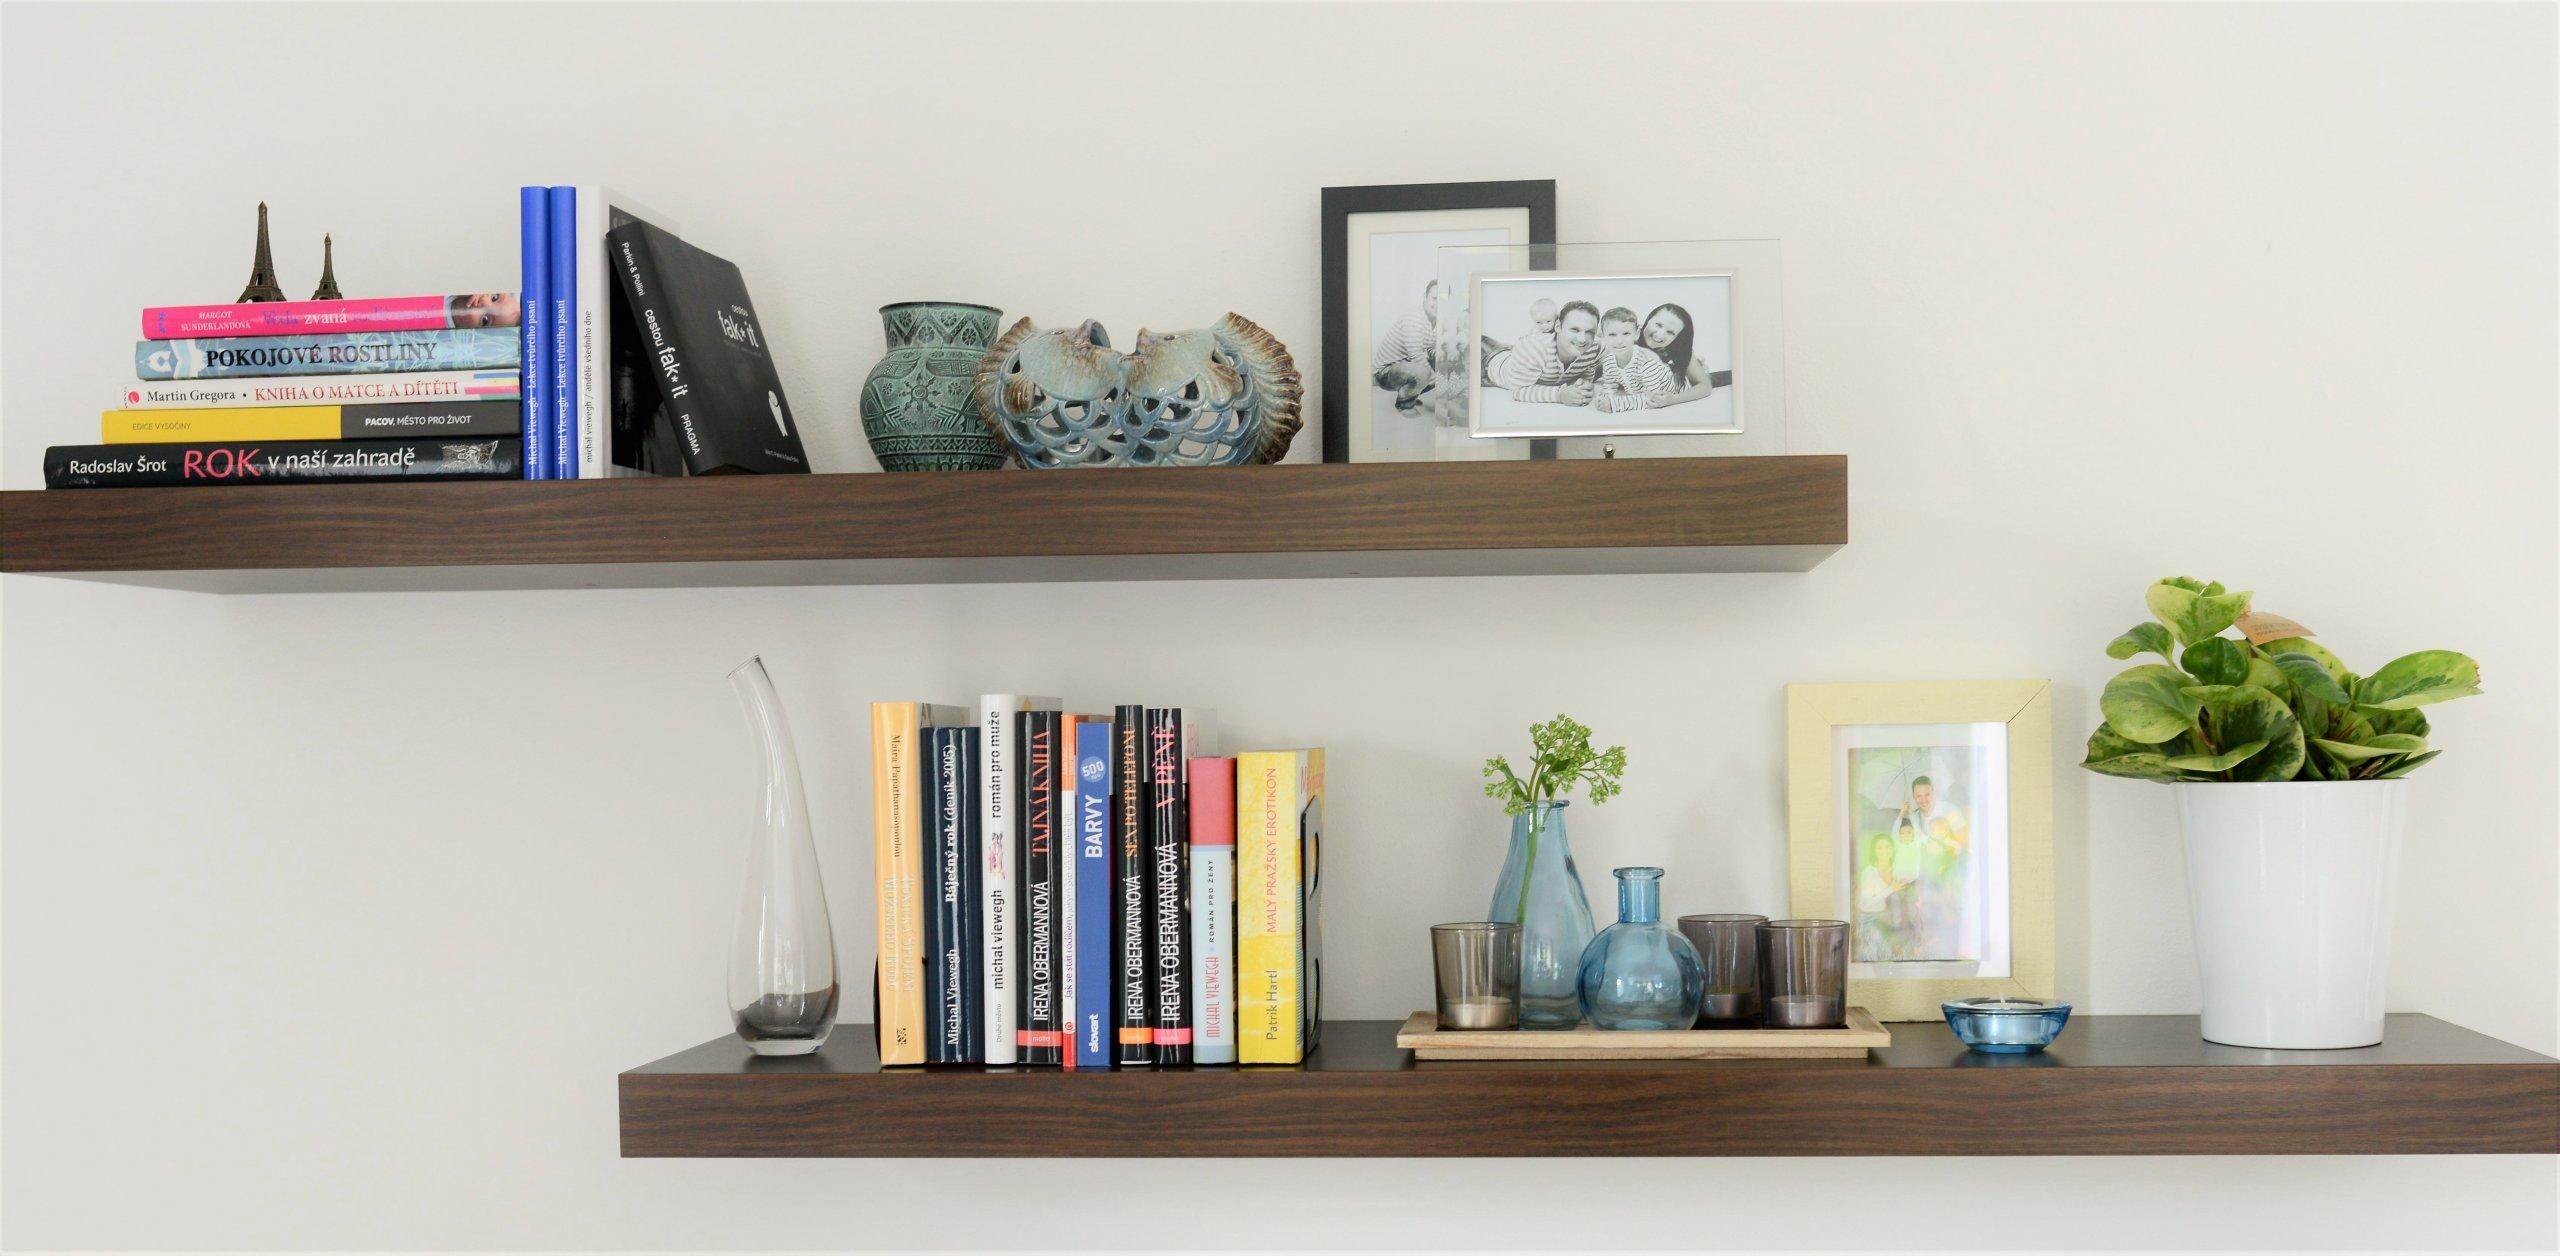 OBYTNÝ PROSTOR S KUCHYNÍ - drobný redesign  Se změnou barev na stěnách došlo v tomto prostoru ke změně celkové nálady pokoje. Pouhou výměnou drobnějšího…